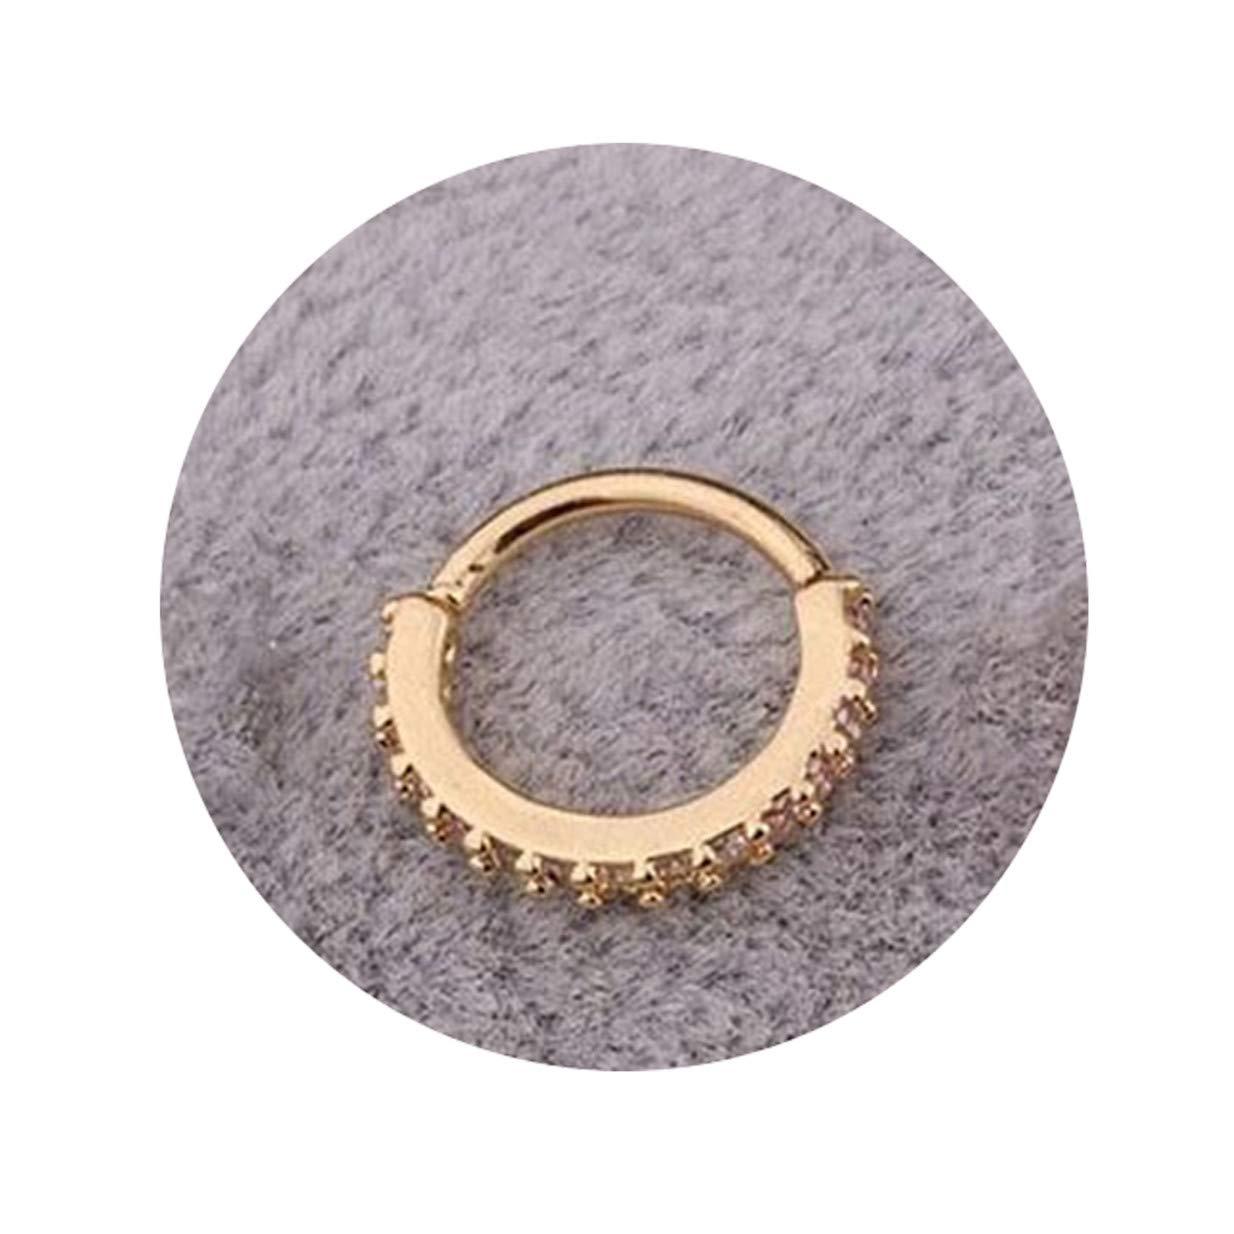 Golden,6mm EJY Einfache Runde Micro-Inlaid Strass Zirkon Nasenring Nase Stud Ohr Knochen Nagel